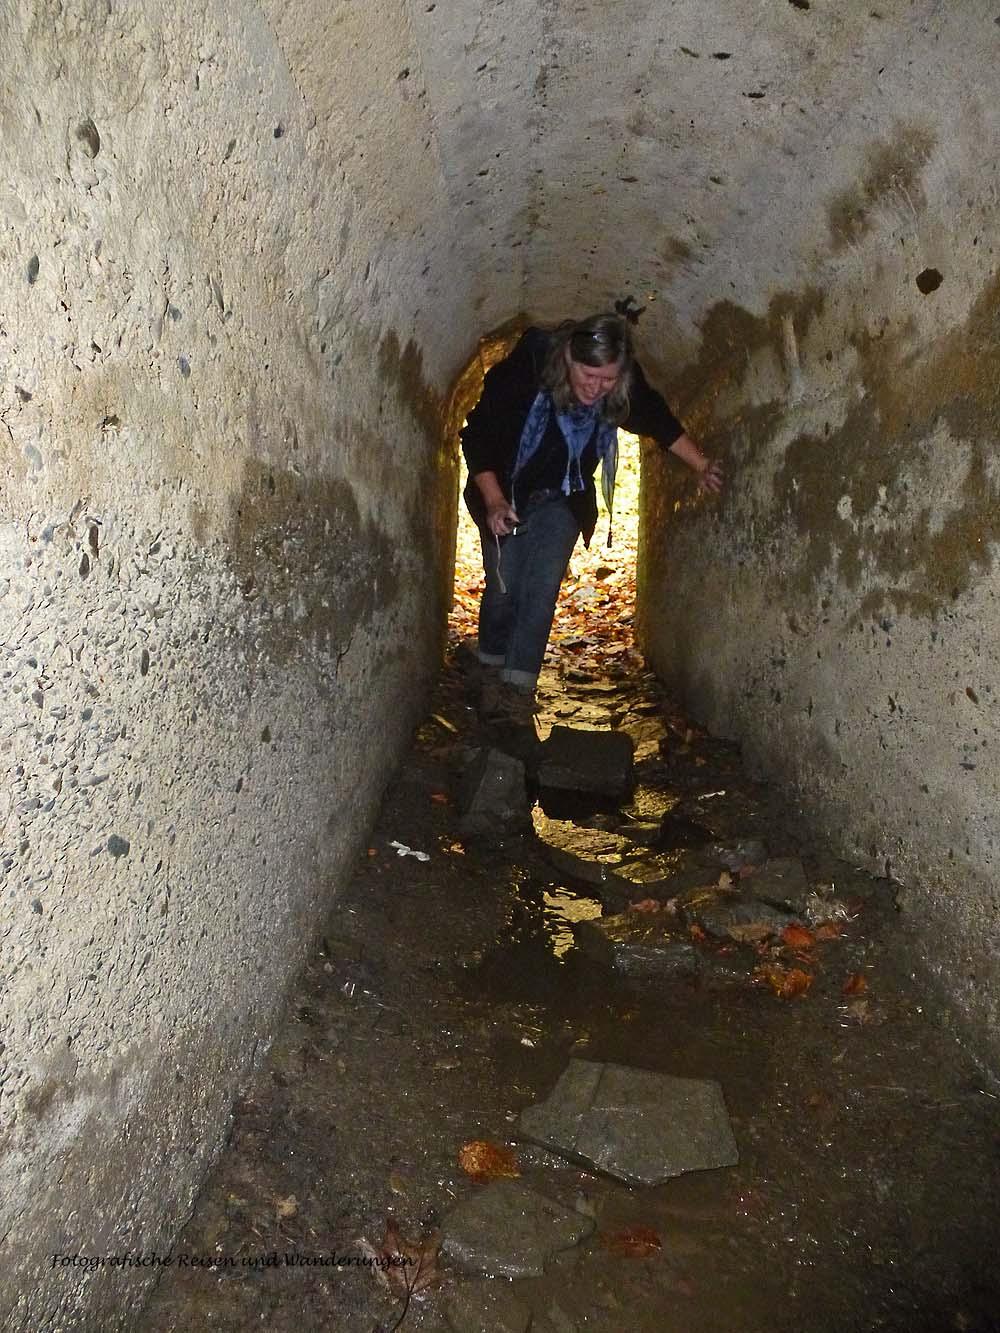 mussten wir uns schon wieder bücken, um durch diesen kleinen Tunnel zu gelangen